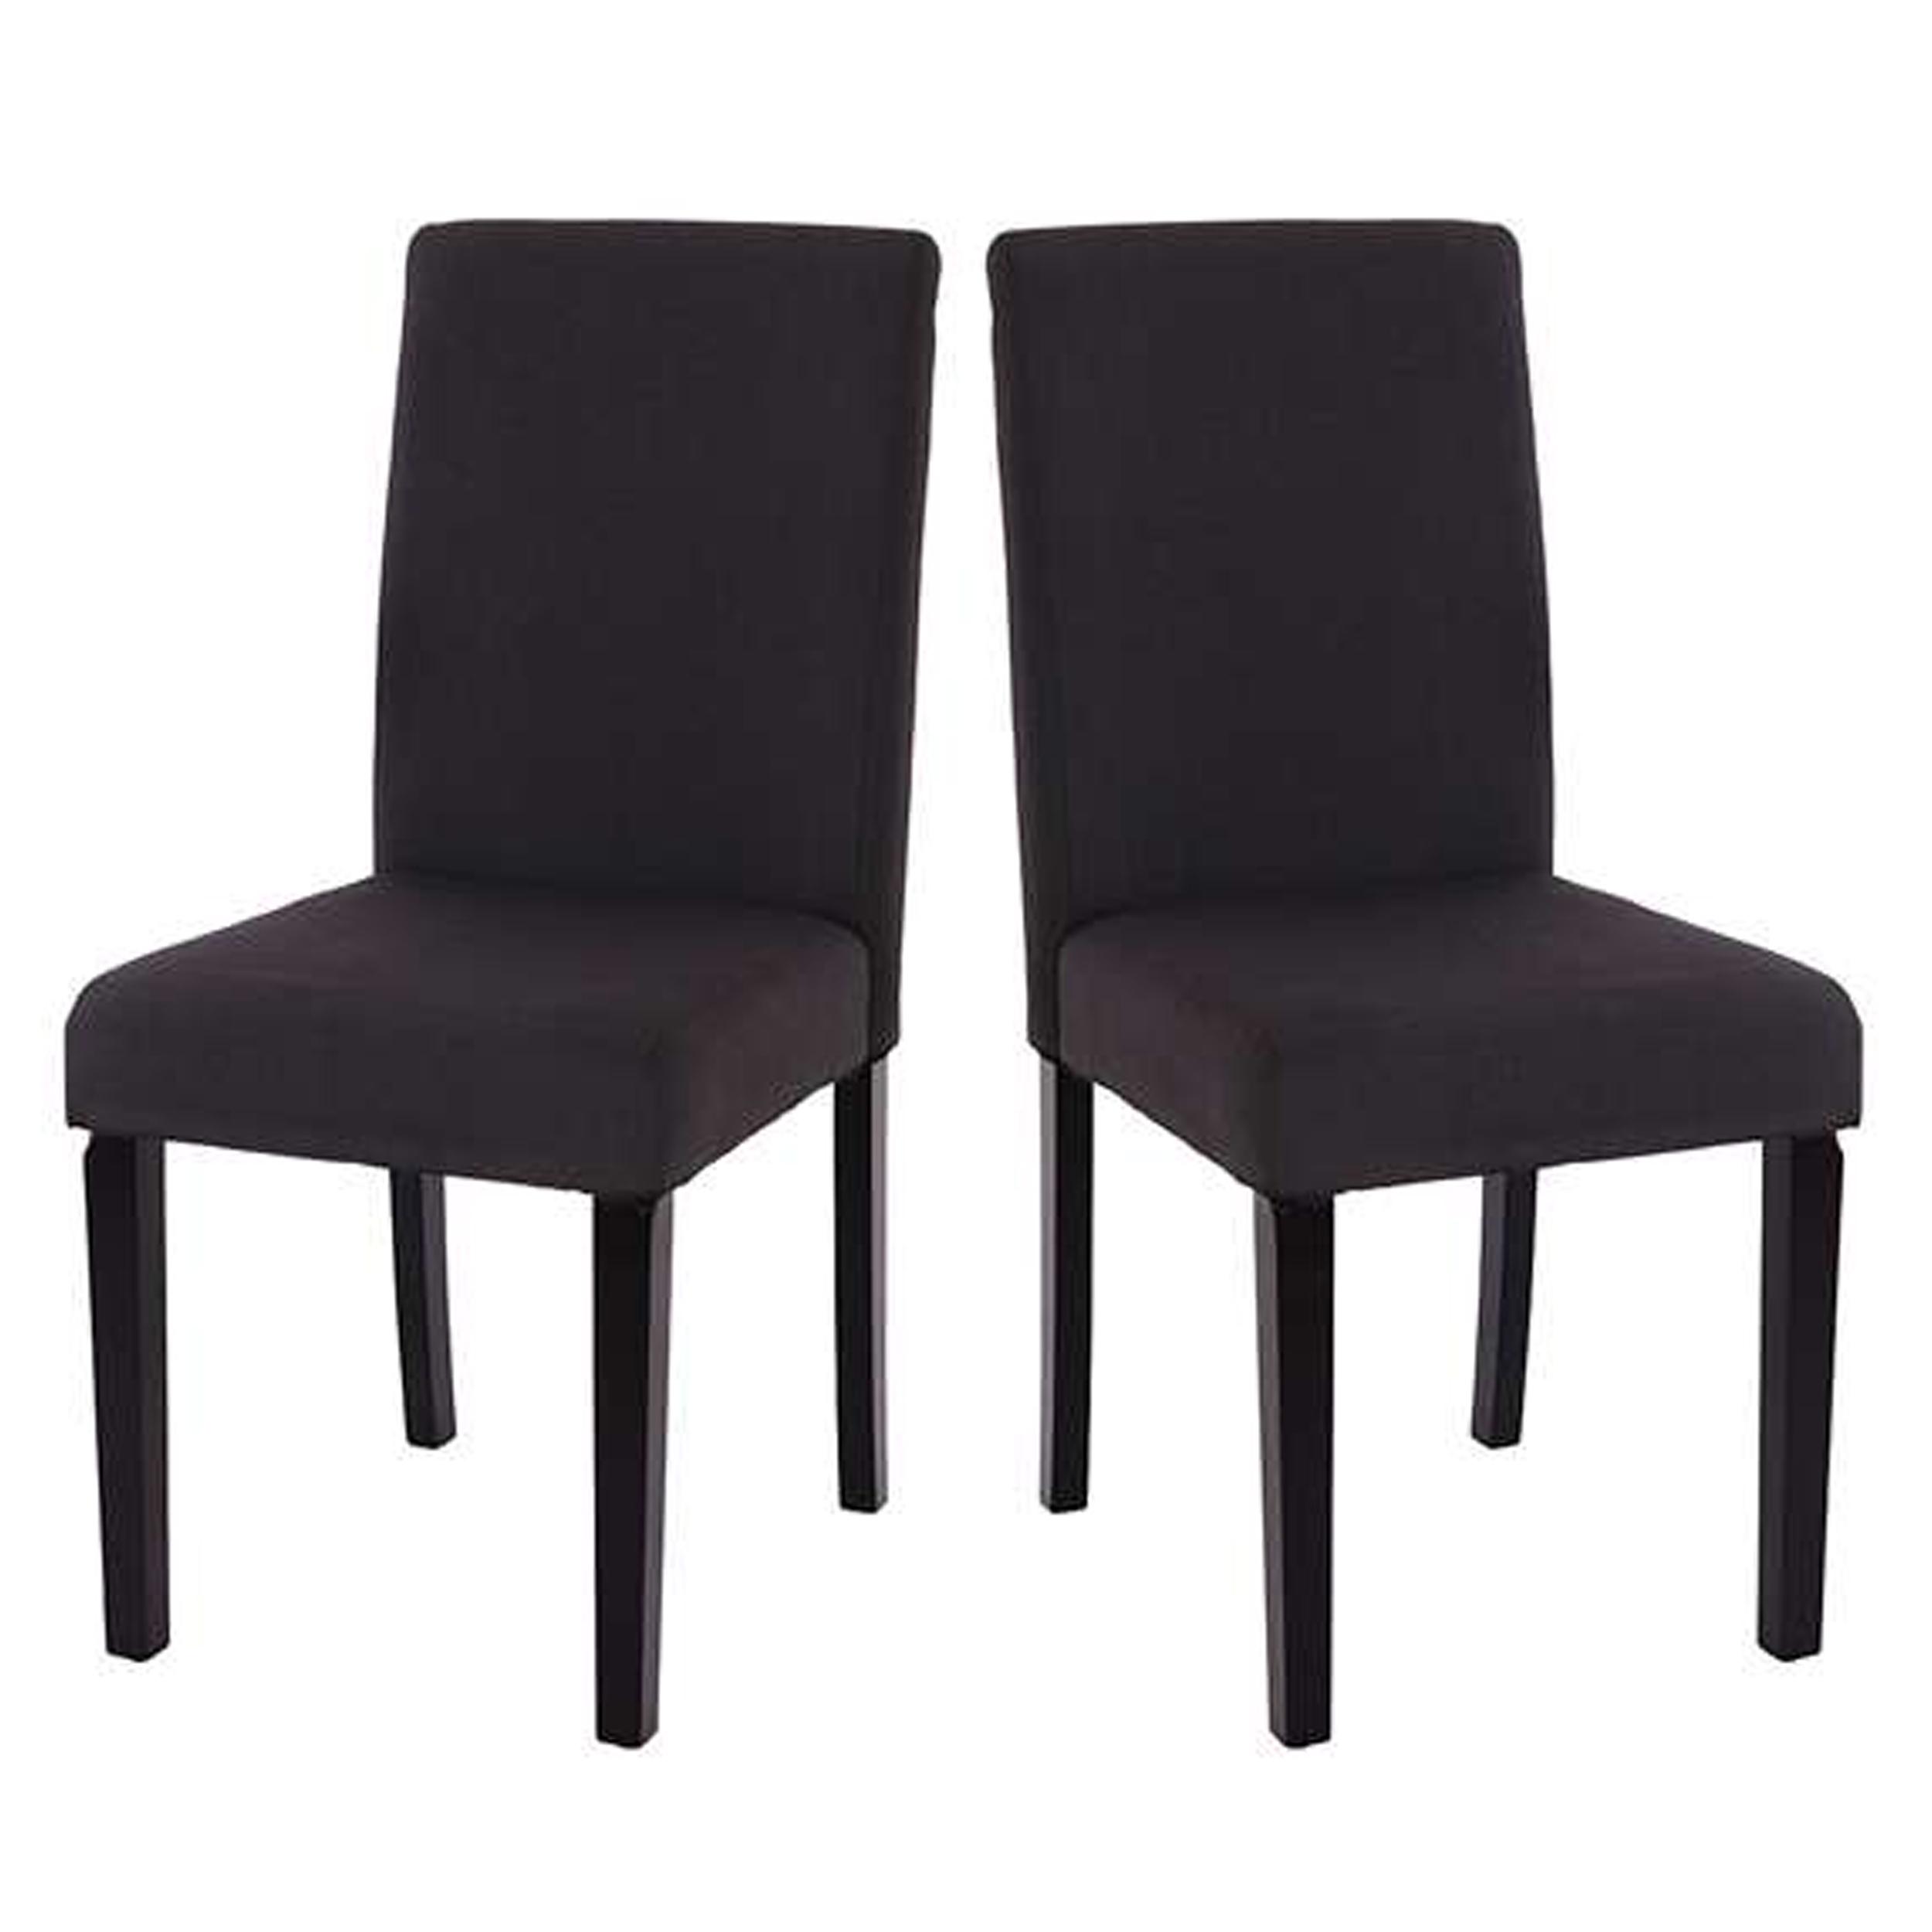 Las mejores sillas tapizadas para el comedor for Telas para tapizar sillas comedor